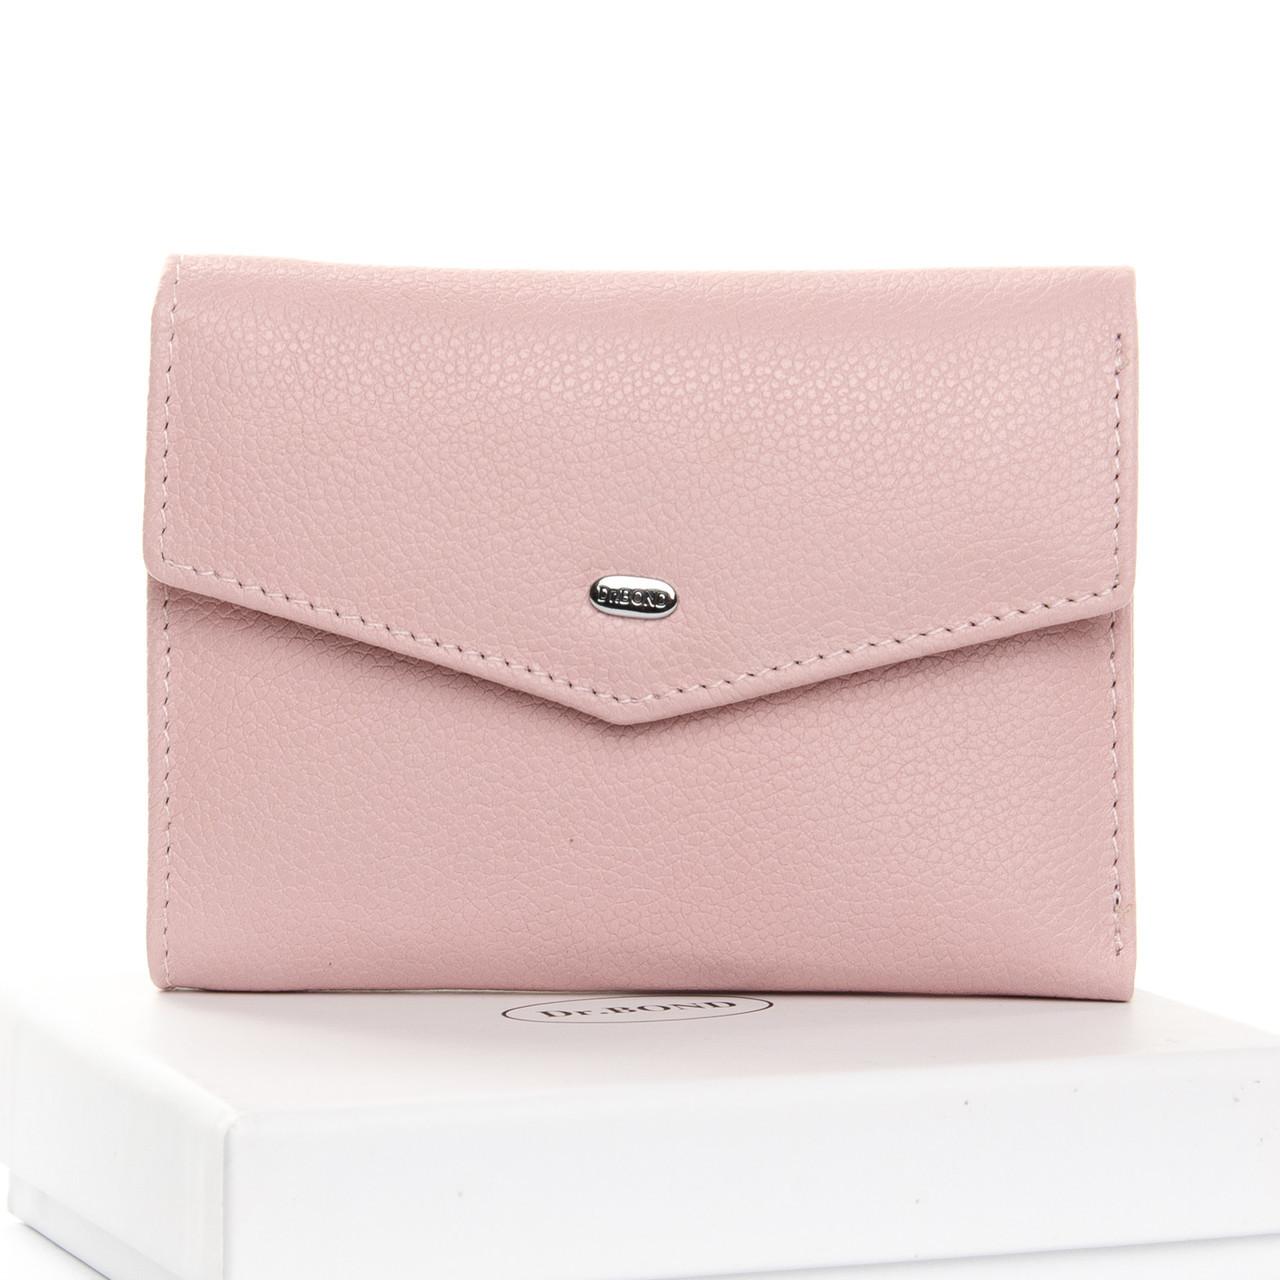 Компактний жіночий гаманець DR. BOND в різних кольорах